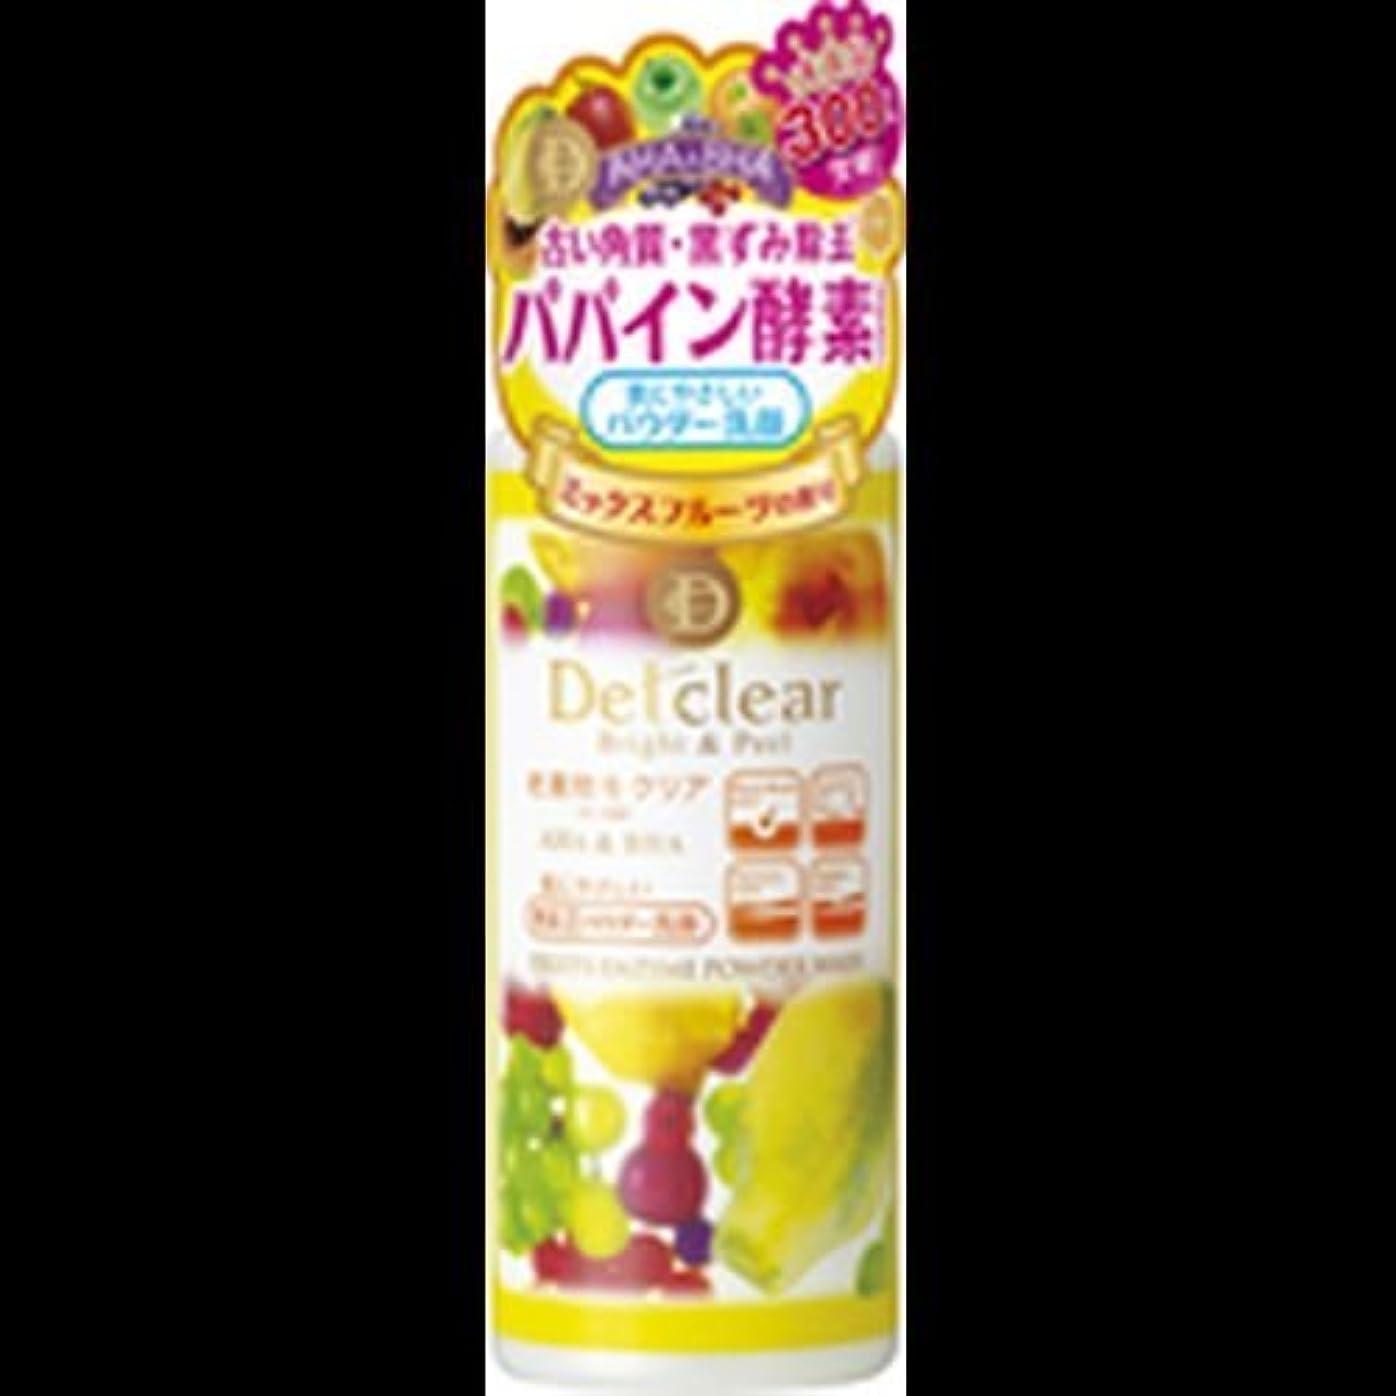 オーガニック乳製品スロープ【まとめ買い】DETクリア ブライト&ピール フルーツ酵素パウダーウォッシュ 75g ×2セット